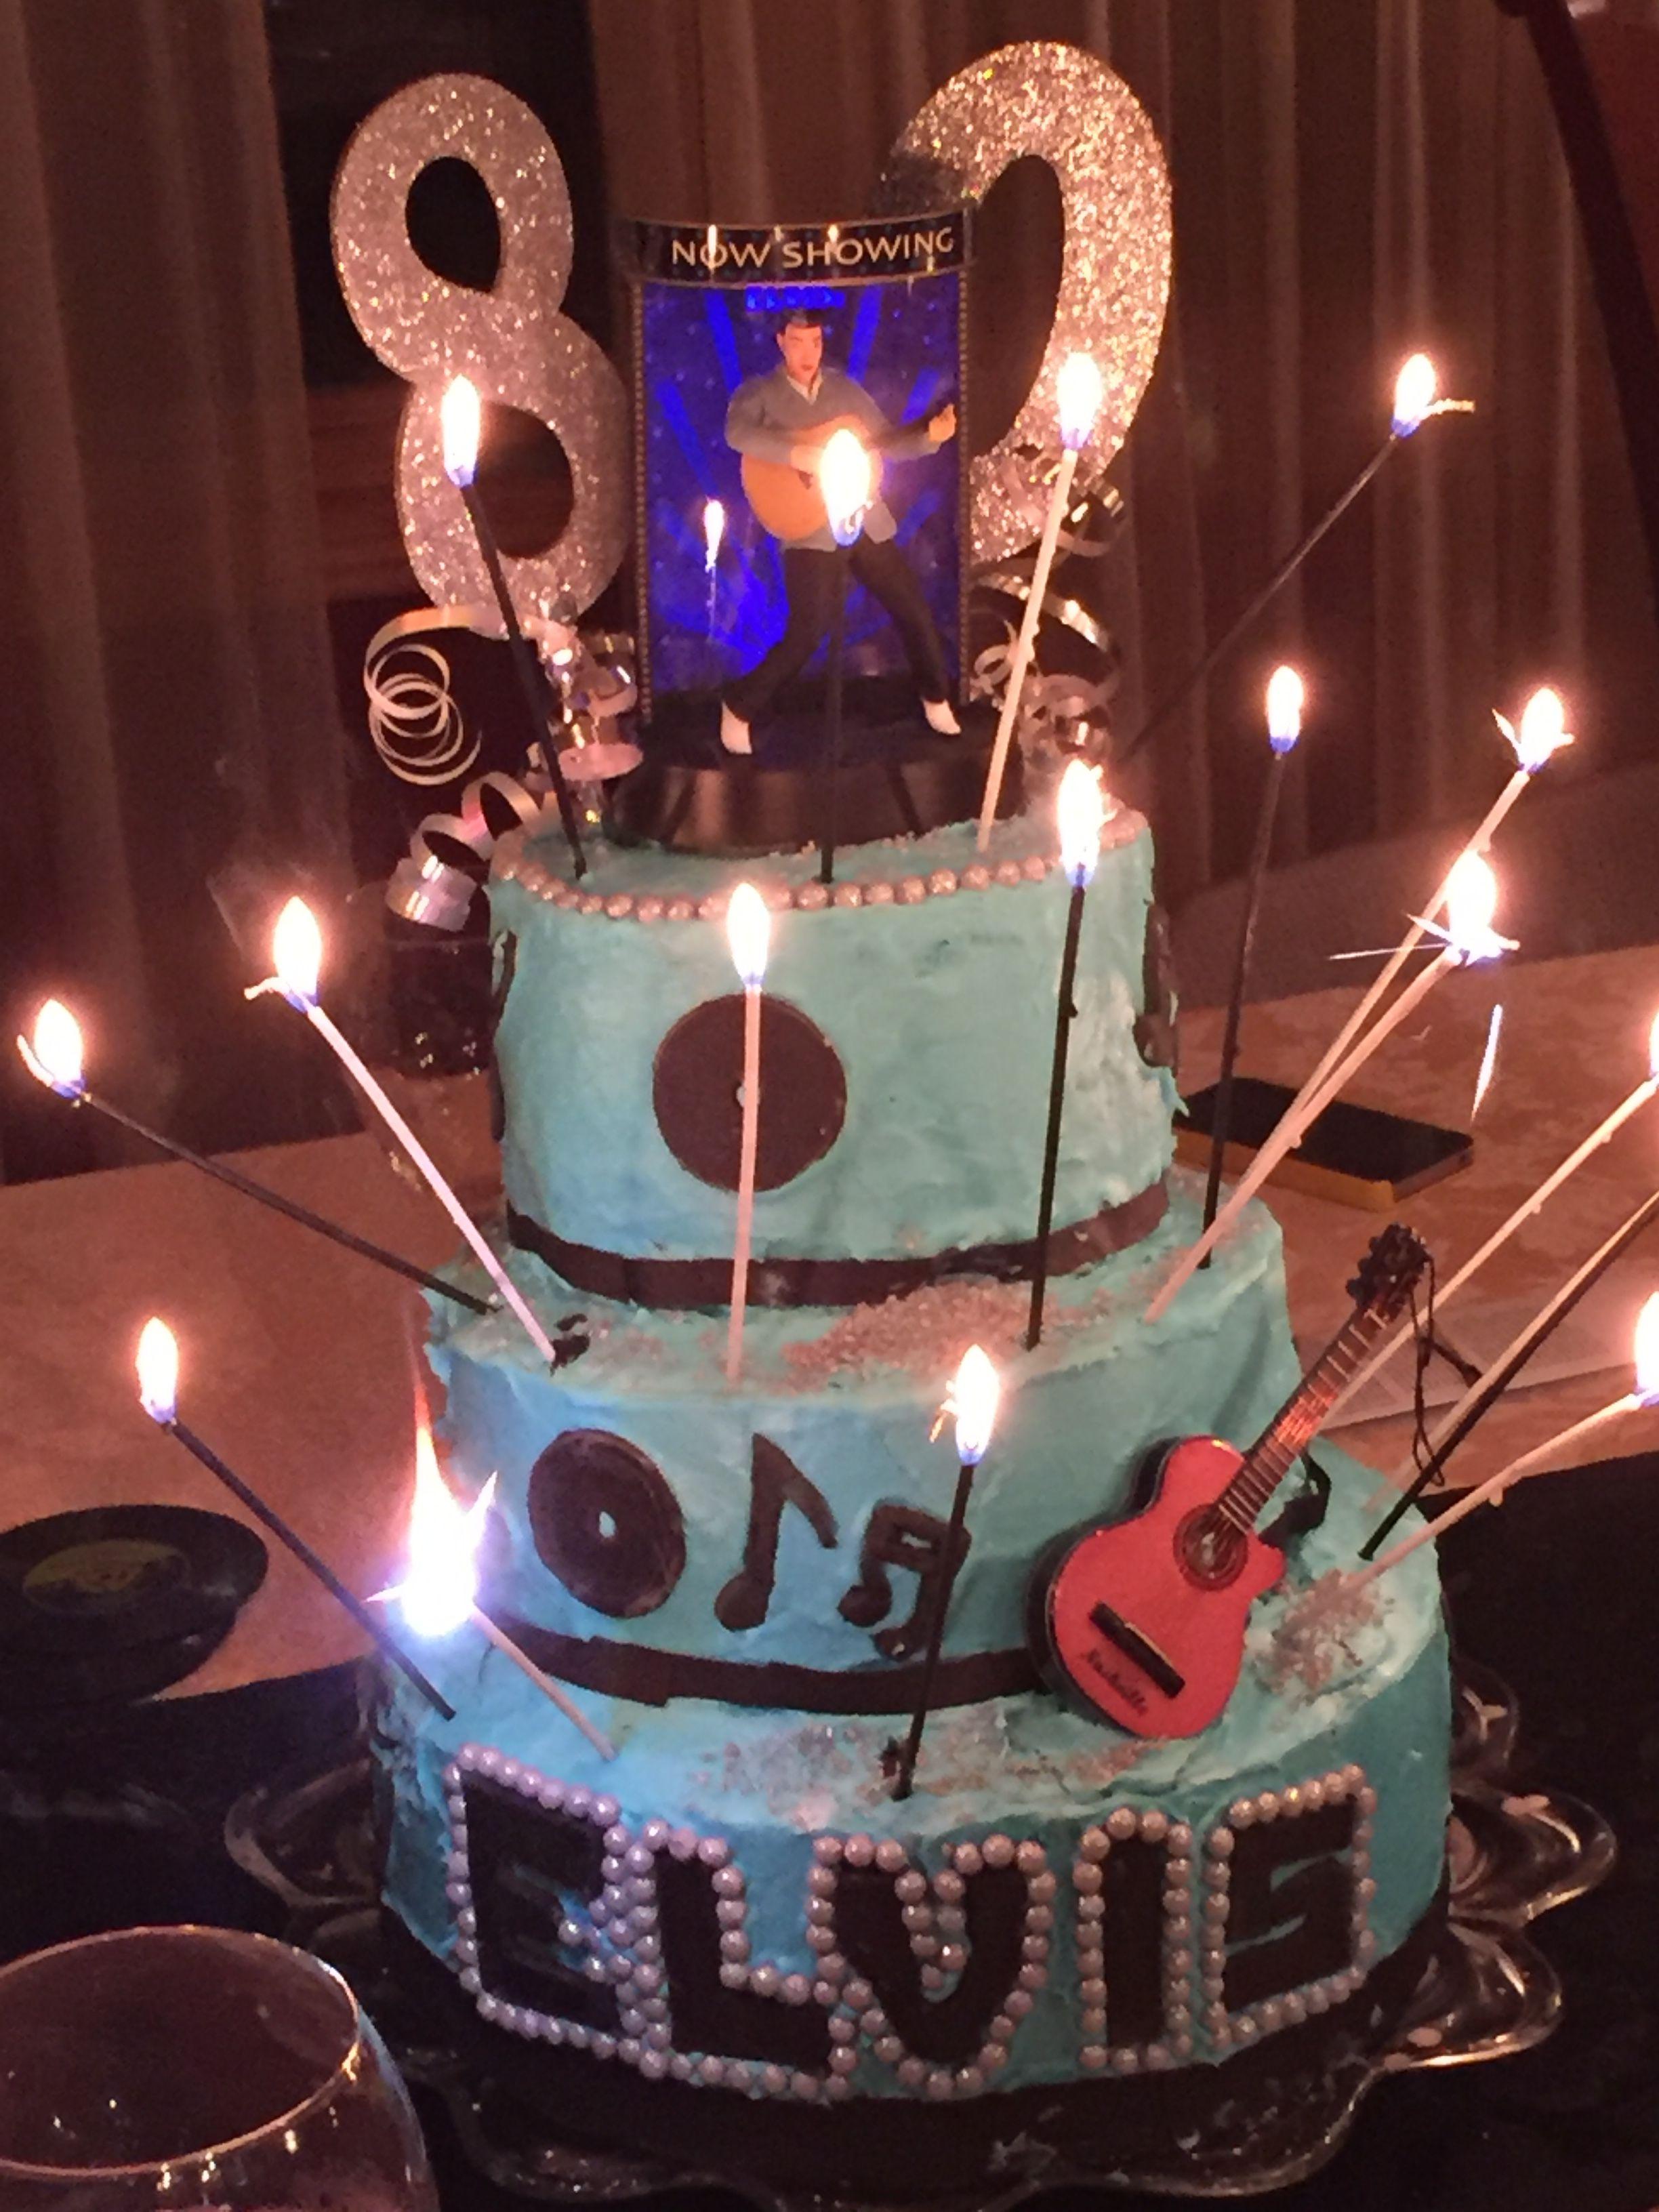 Homemade cake for grandmas bday!